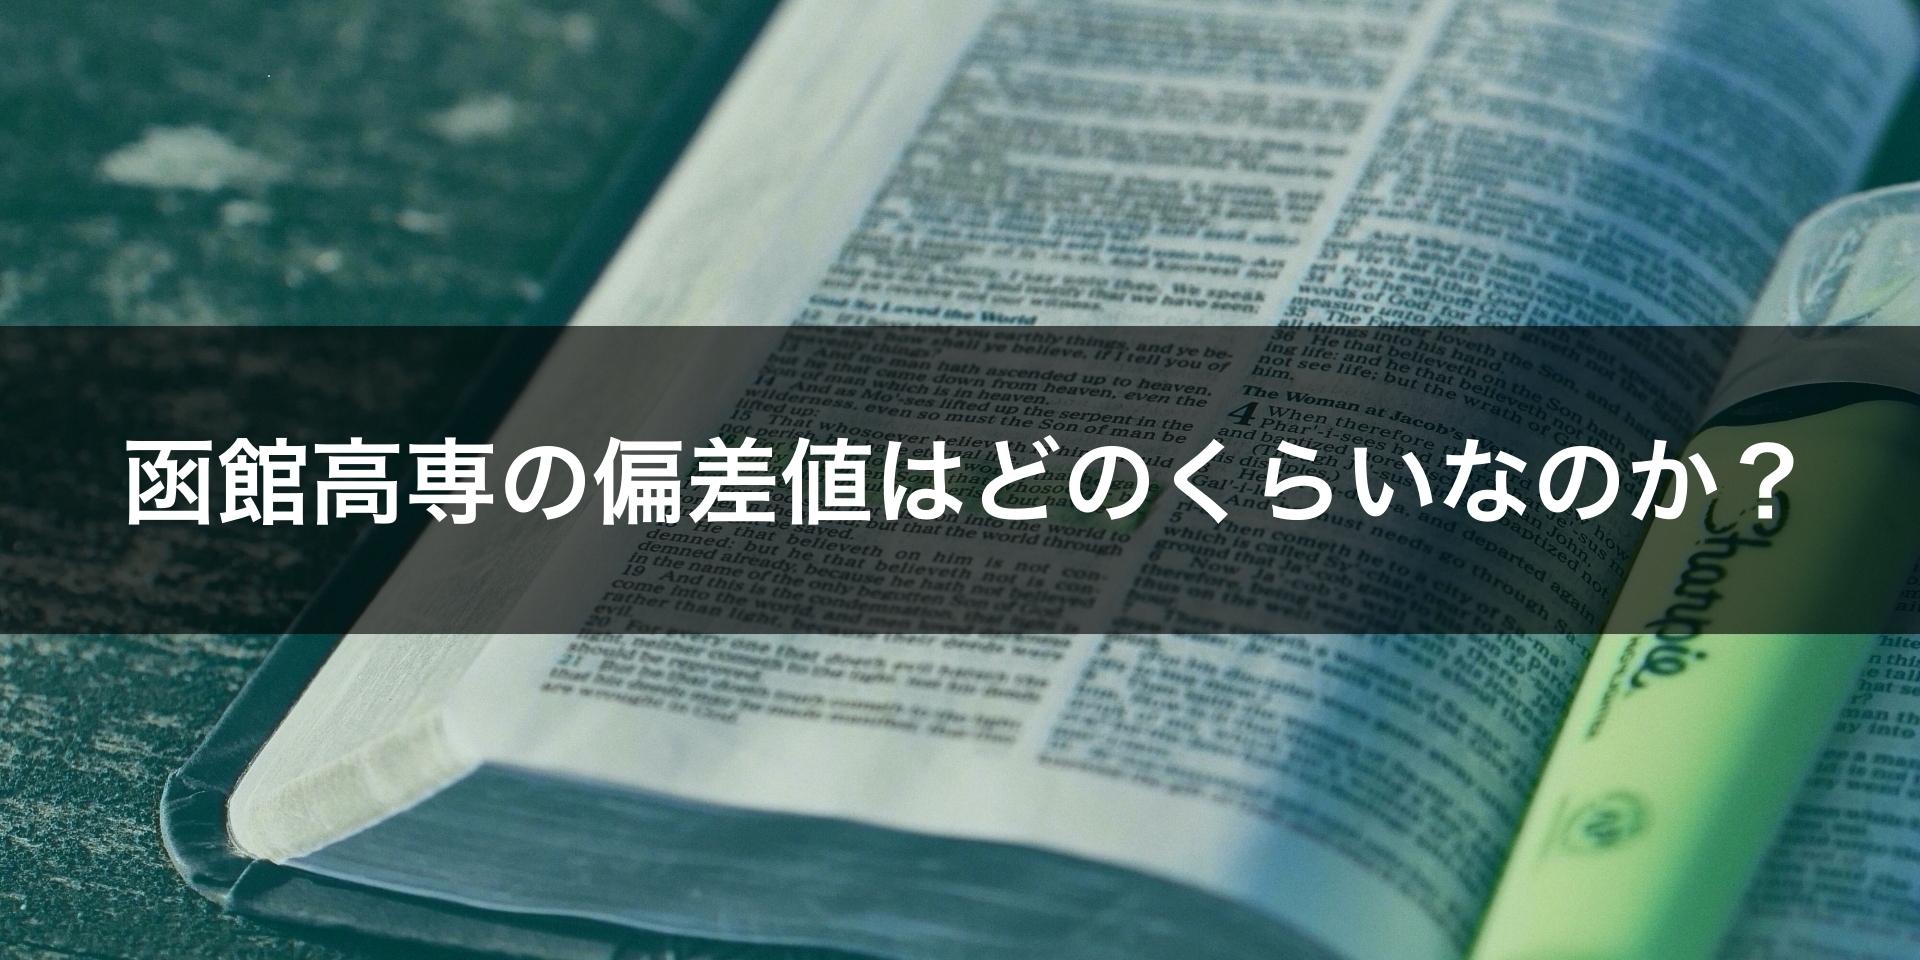 函館高専の偏差値はどのくらいなのか?